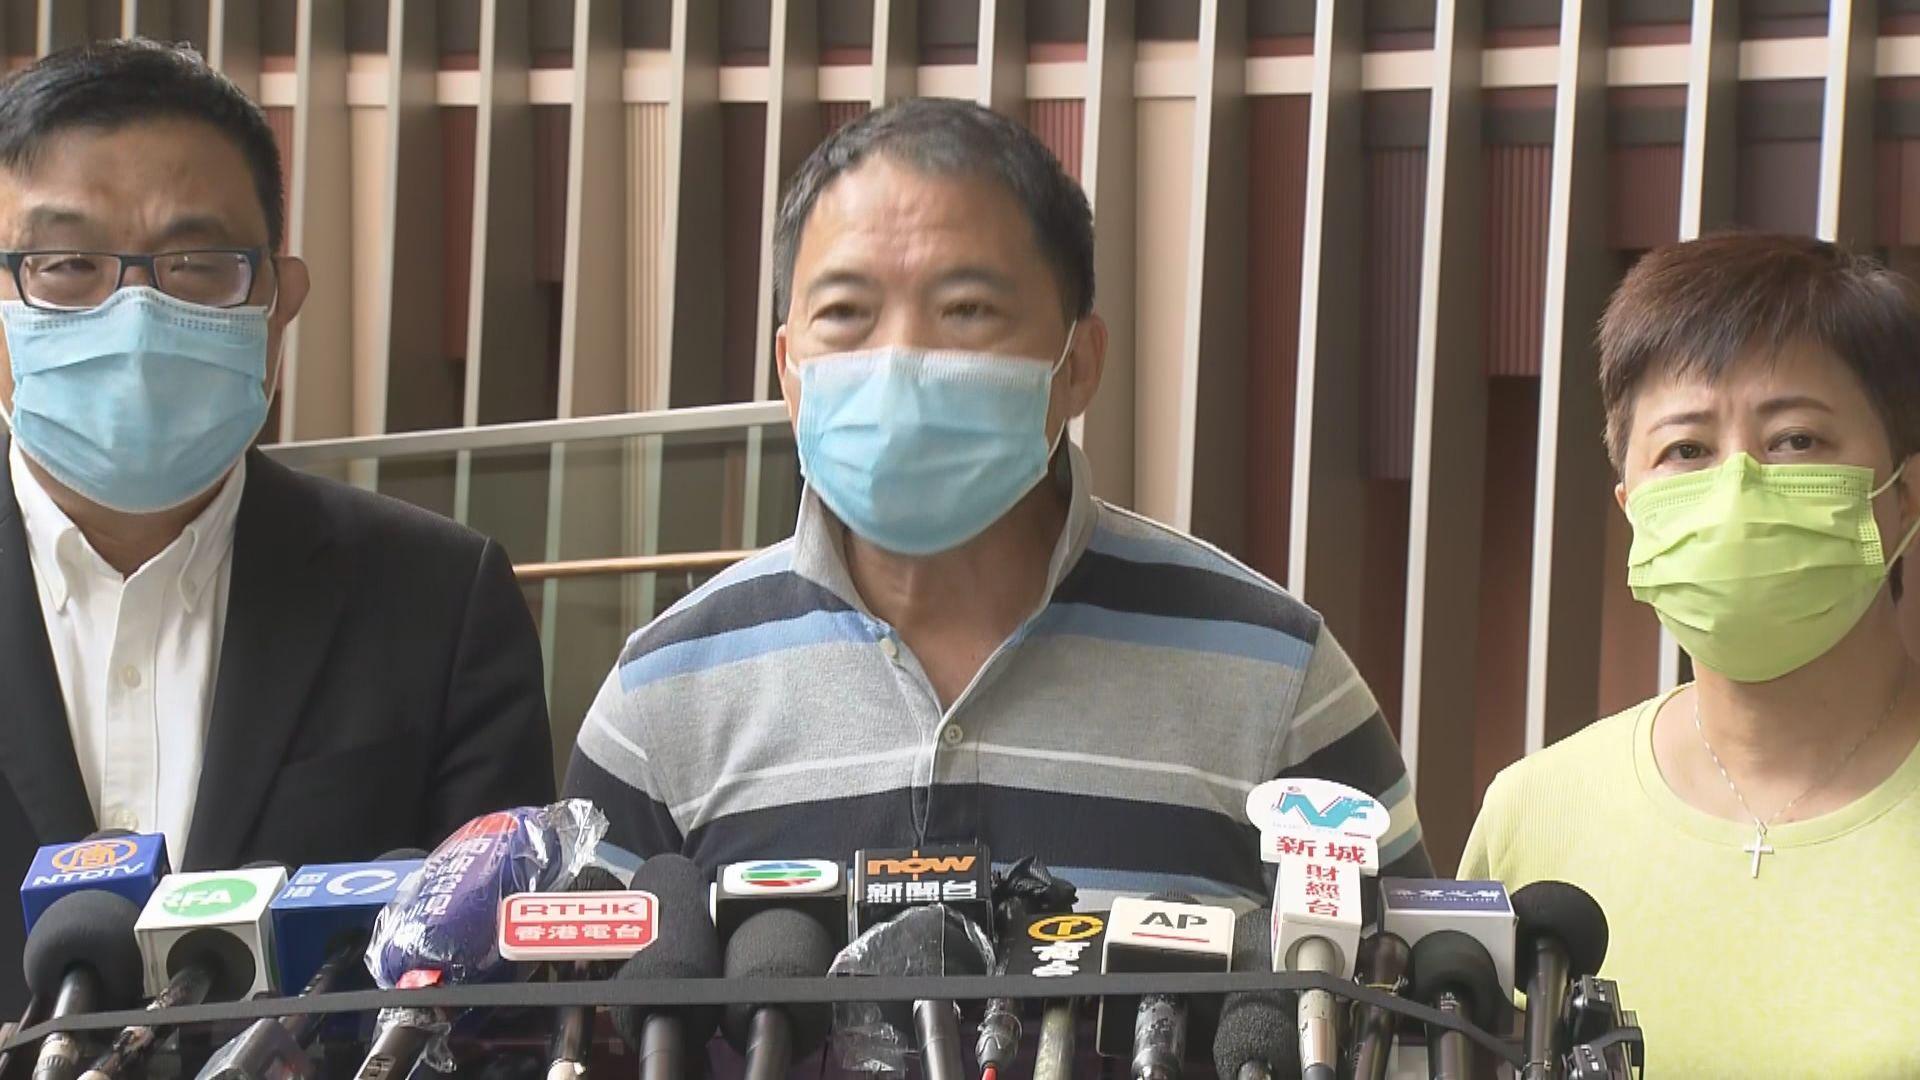 胡志偉:林卓廷在721事件是受害者 警方行動是濫捕